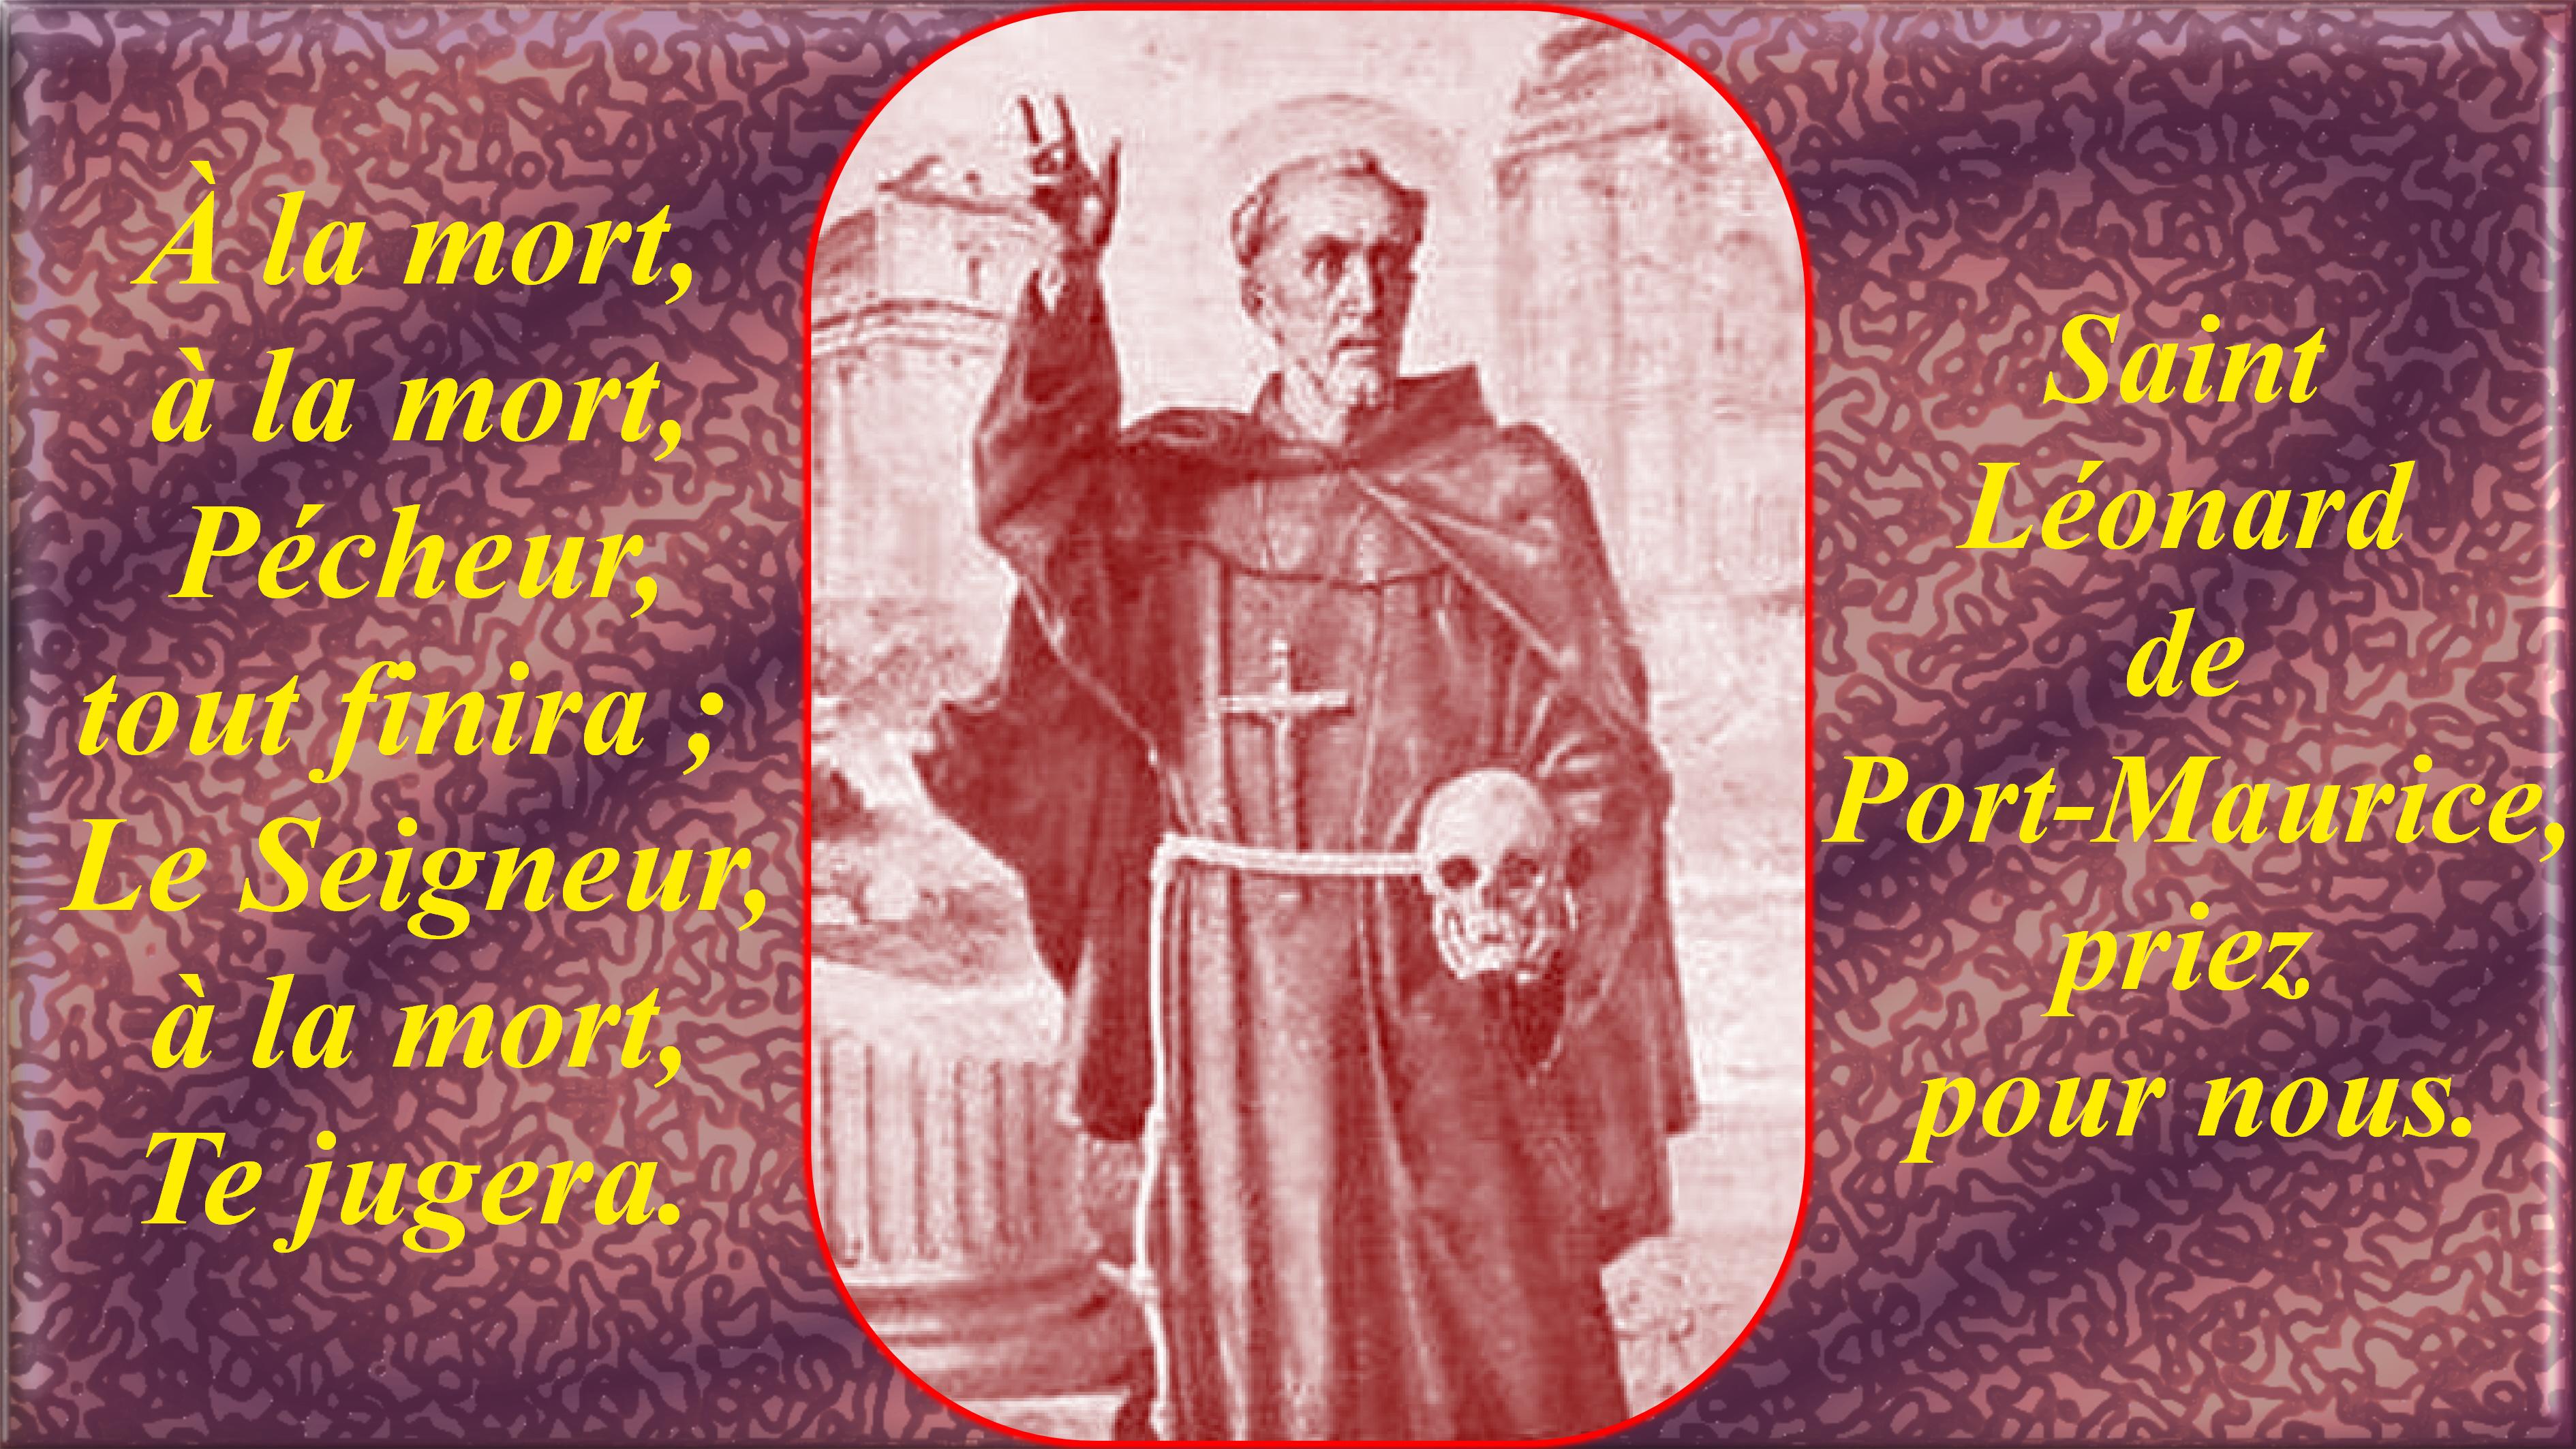 CALENDRIER CATHOLIQUE 2019 (Cantiques, Prières & Images) - Page 16 St-l-onard-de-port-maurice-56cd353